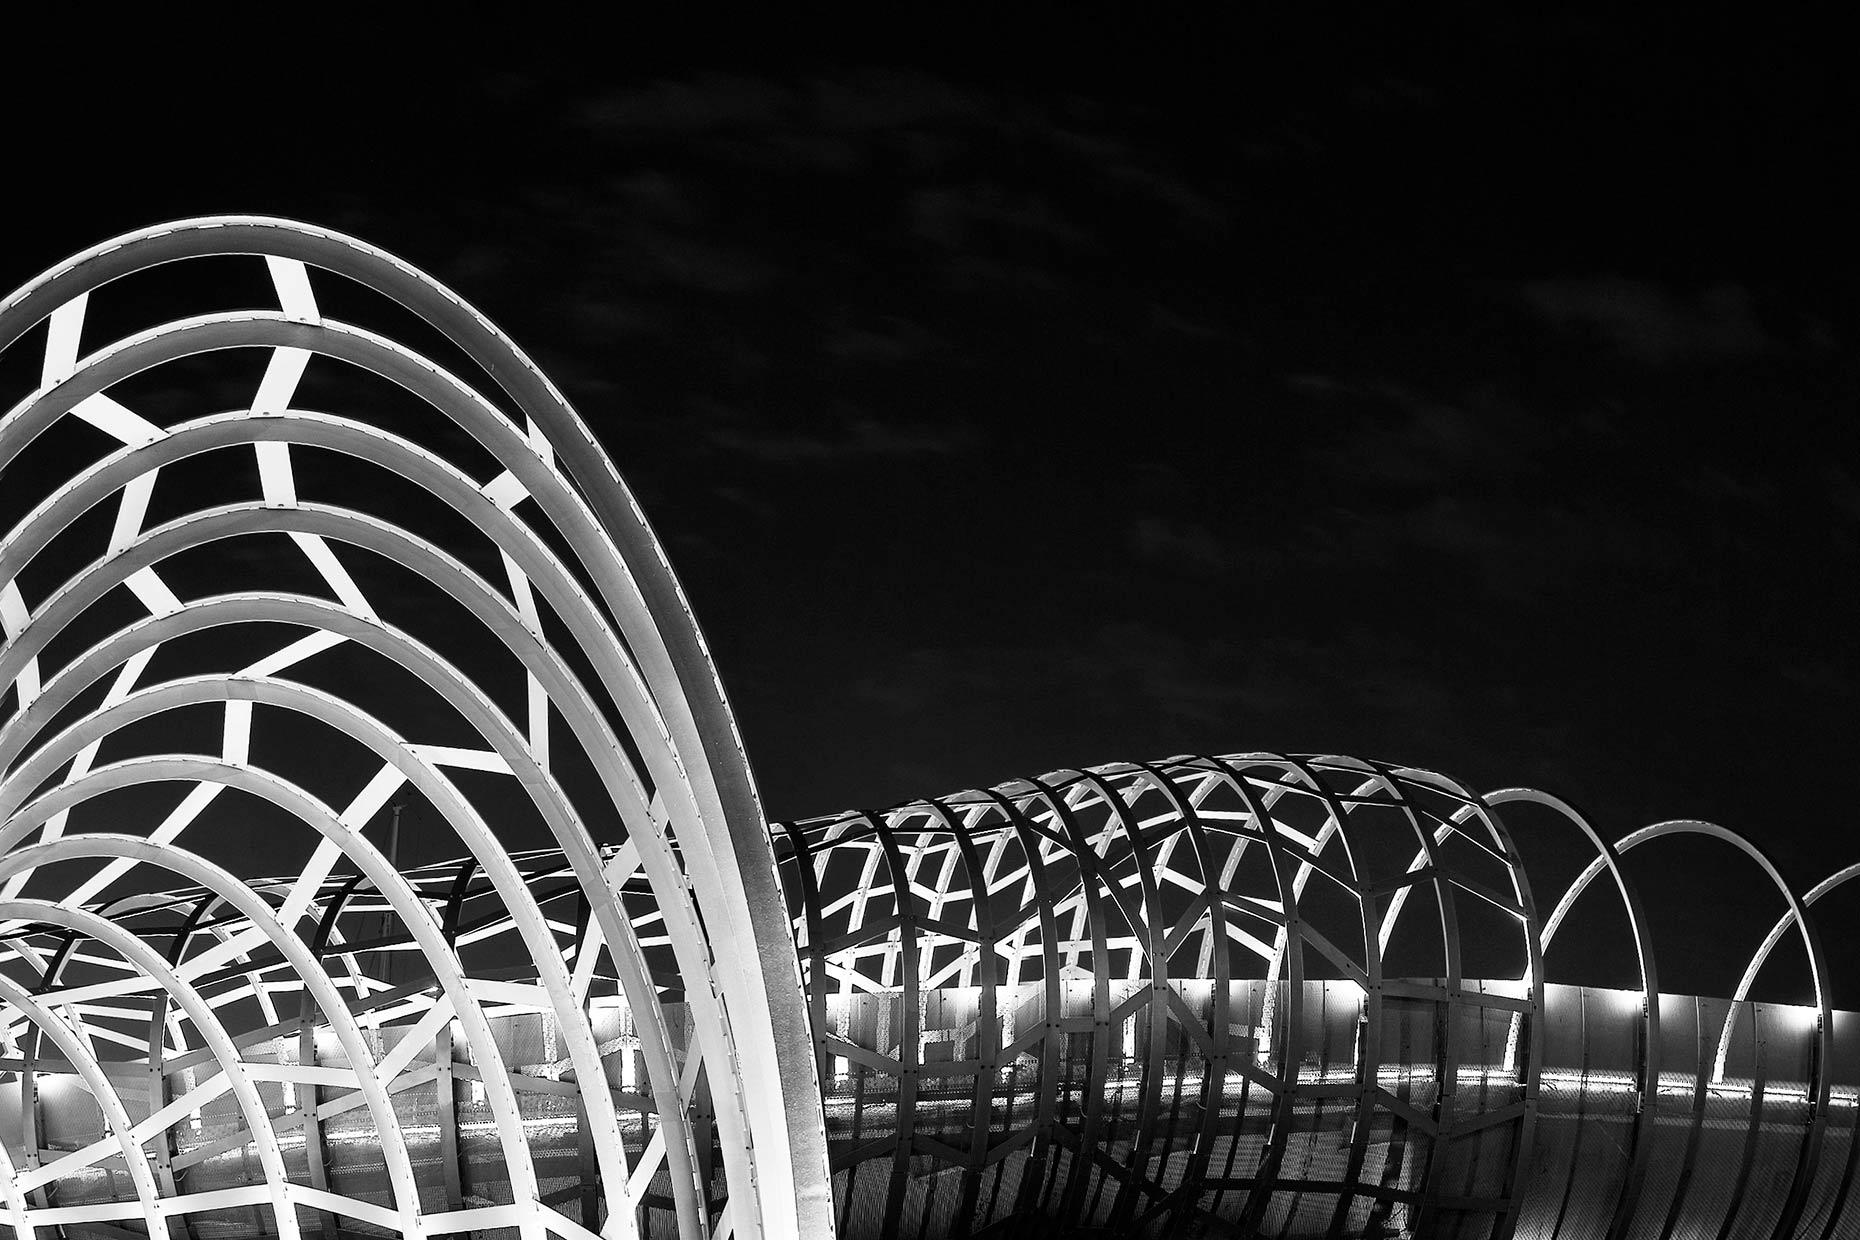 Melbourne Webb Bridge © Michael Evans Photographer 2019